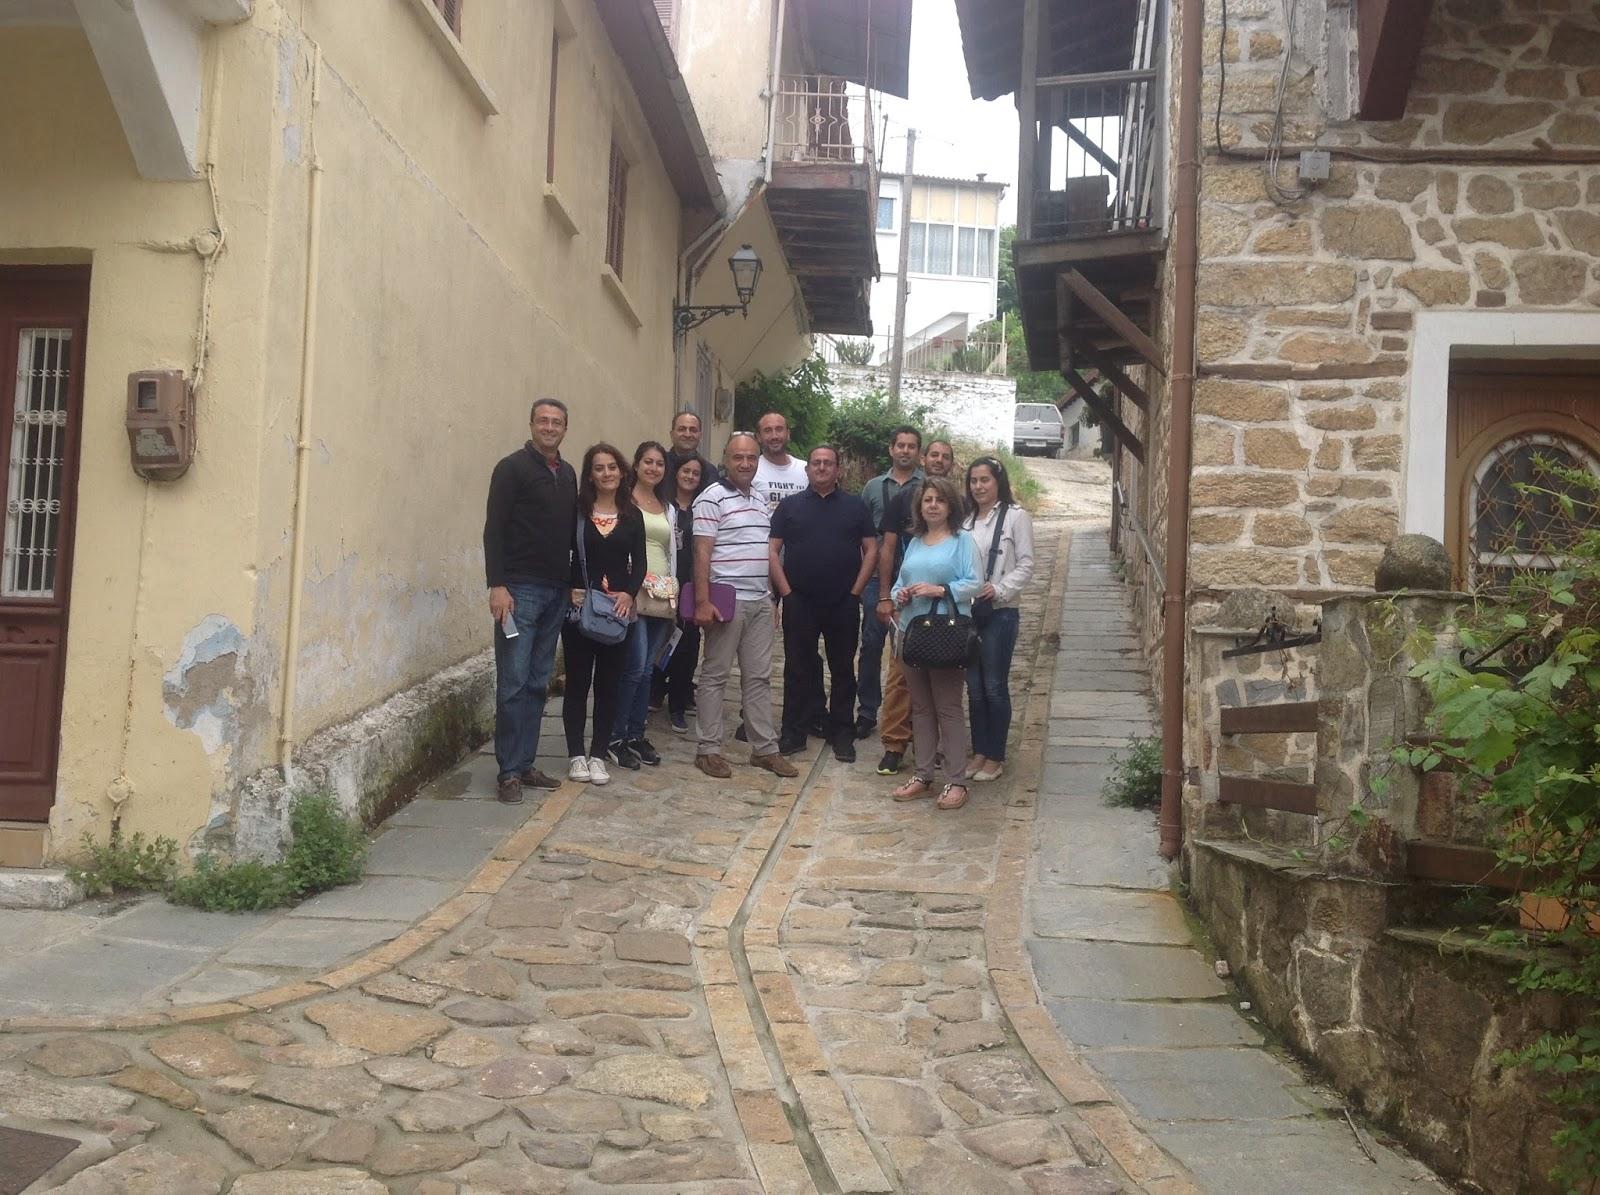 Εκατοντάδες οι επισκέπτες της πρώτης ημέρας του Απρίλη στην Αρναία